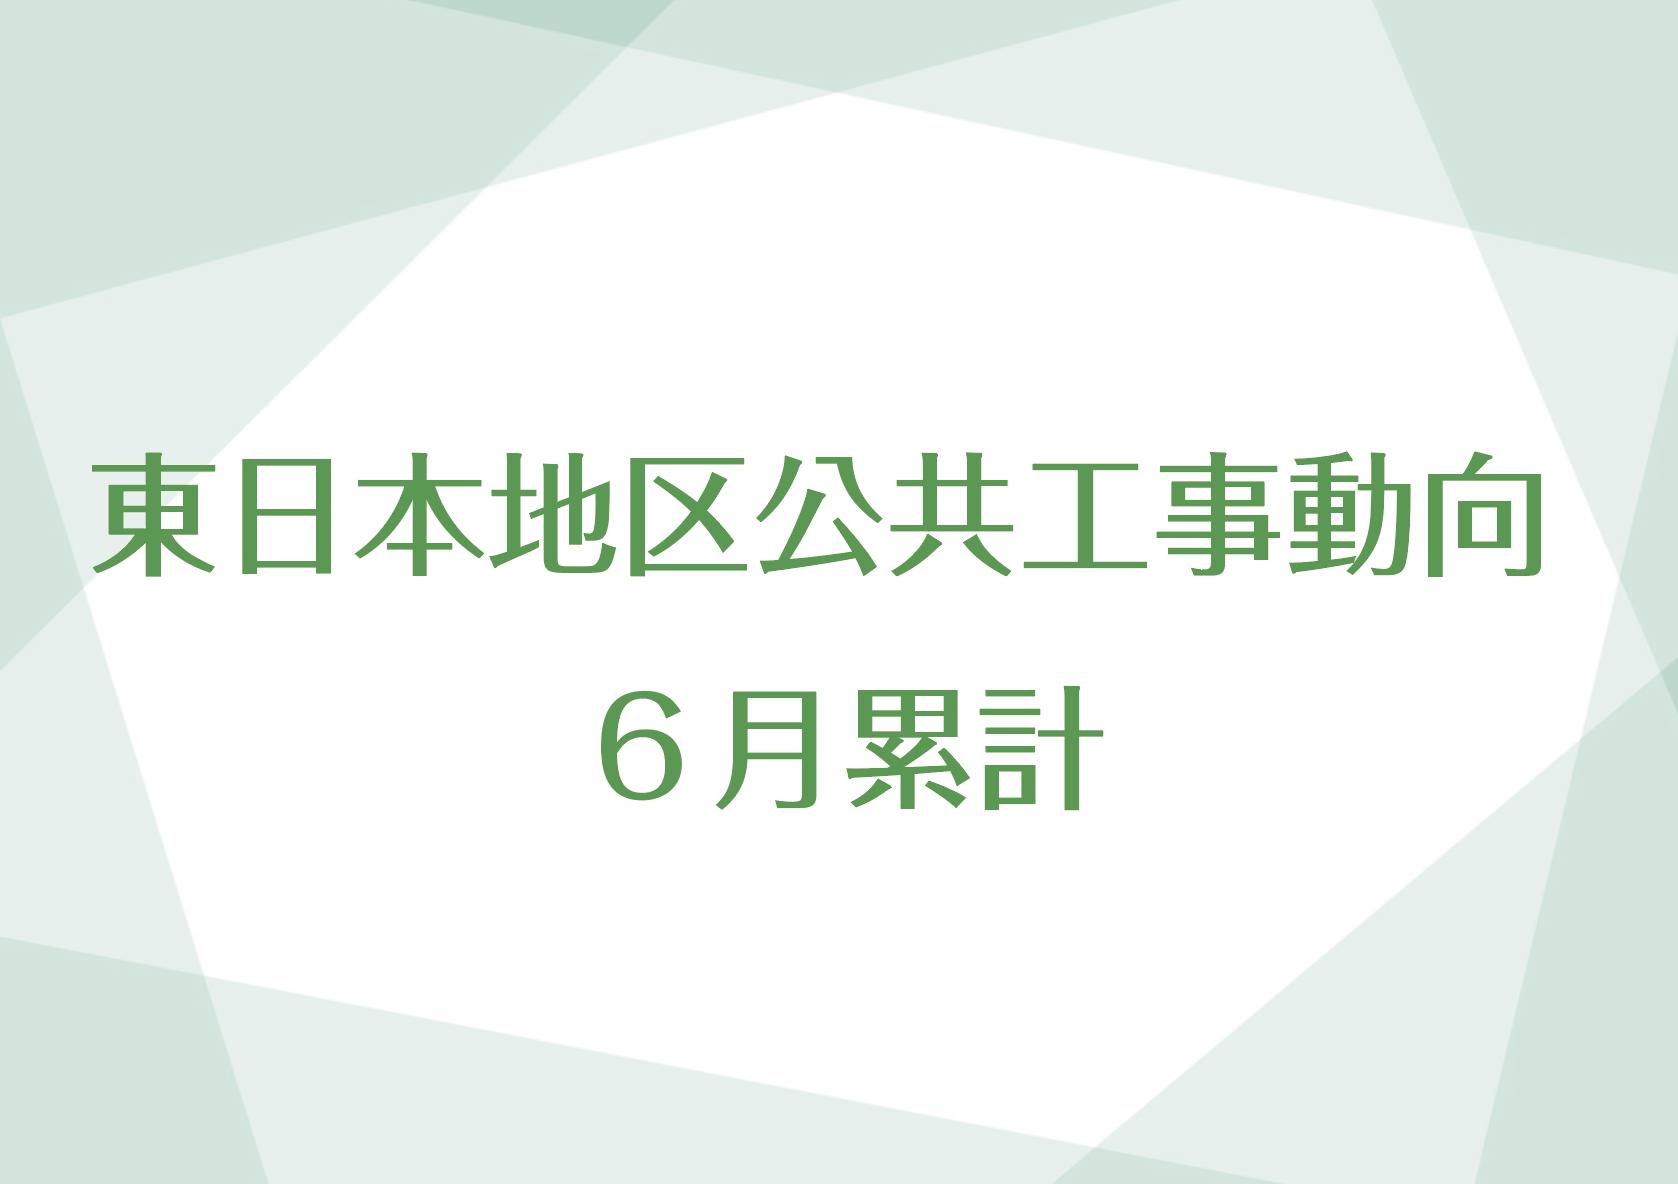 東日本地区公共工事動向 6月累計の画像